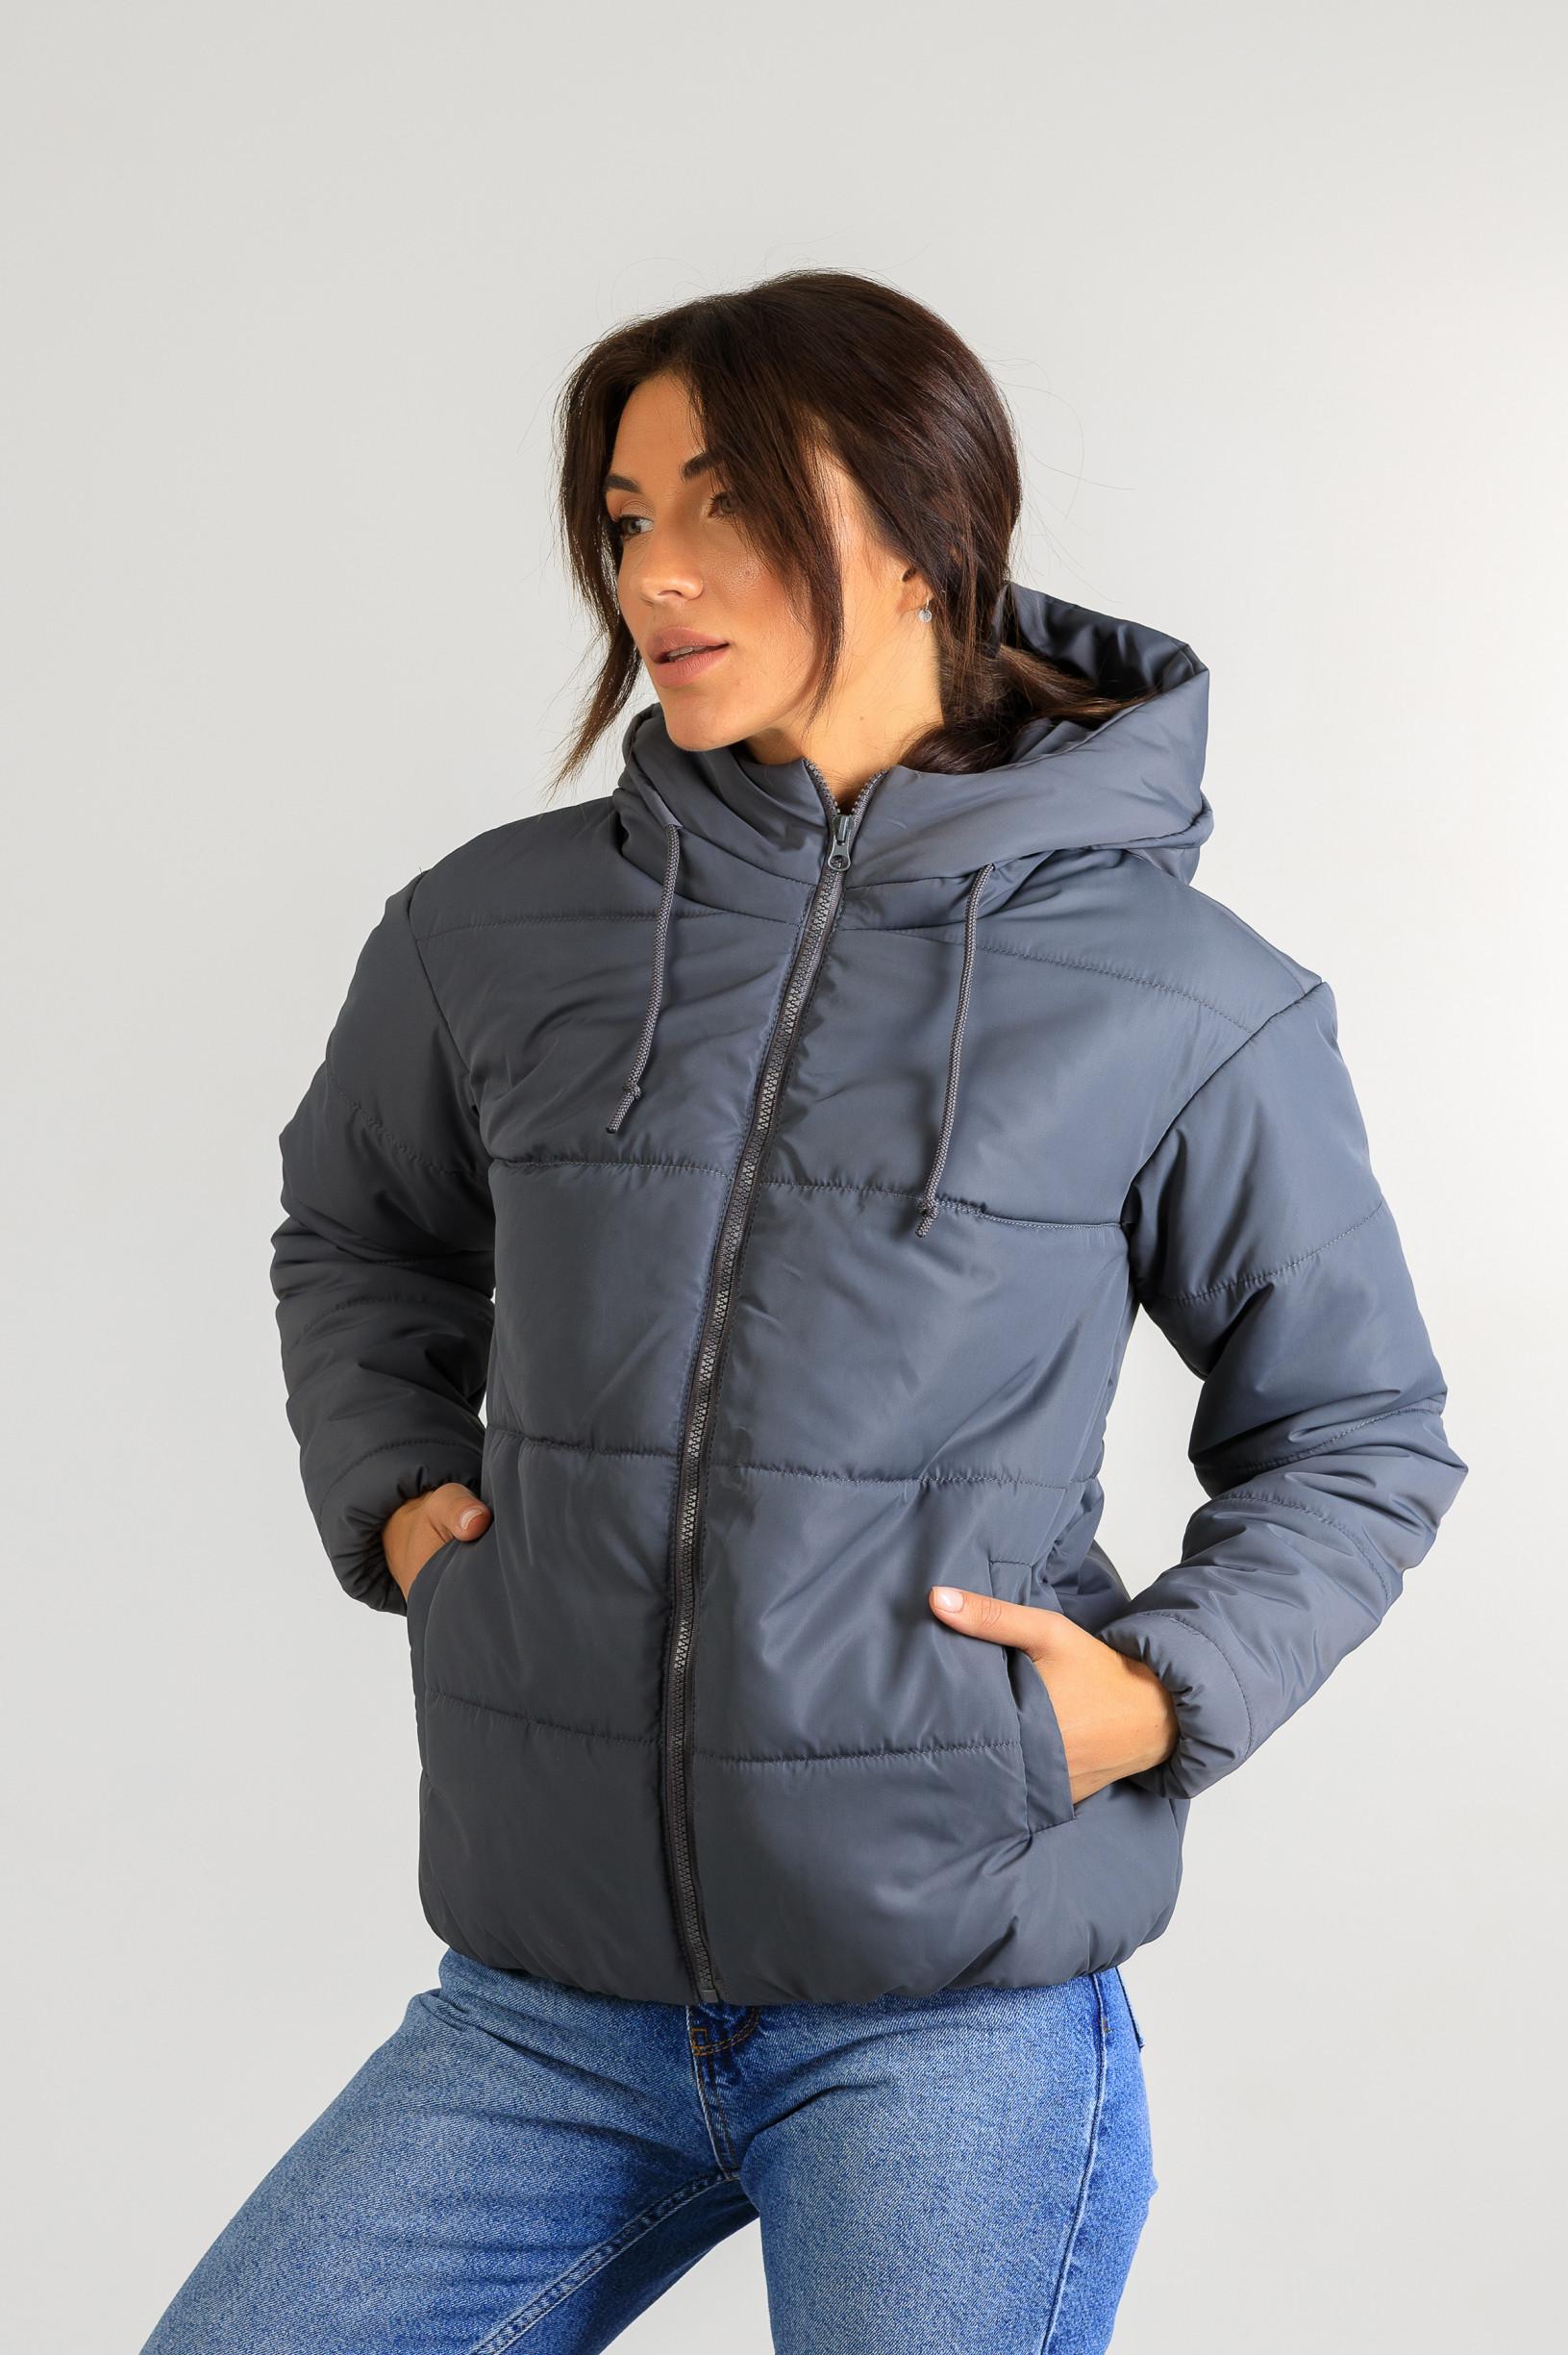 Демисезонная женская стильная куртка Тахо серого цвета